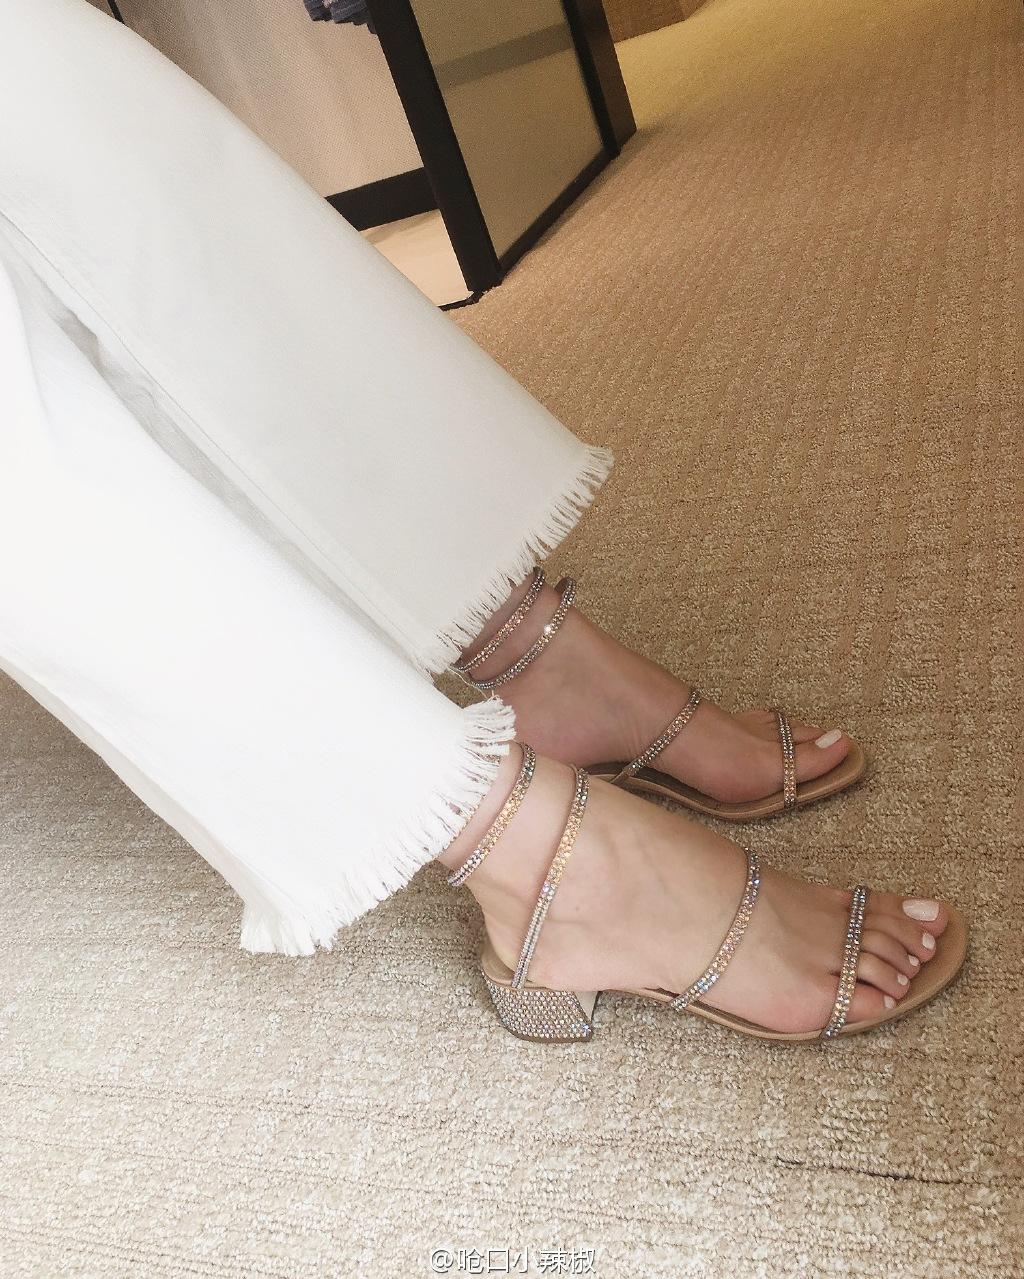 春夏时尚新小辣椒同款真皮绕脚水钻蛇形罗马中粗跟女凉鞋 2018 欧美